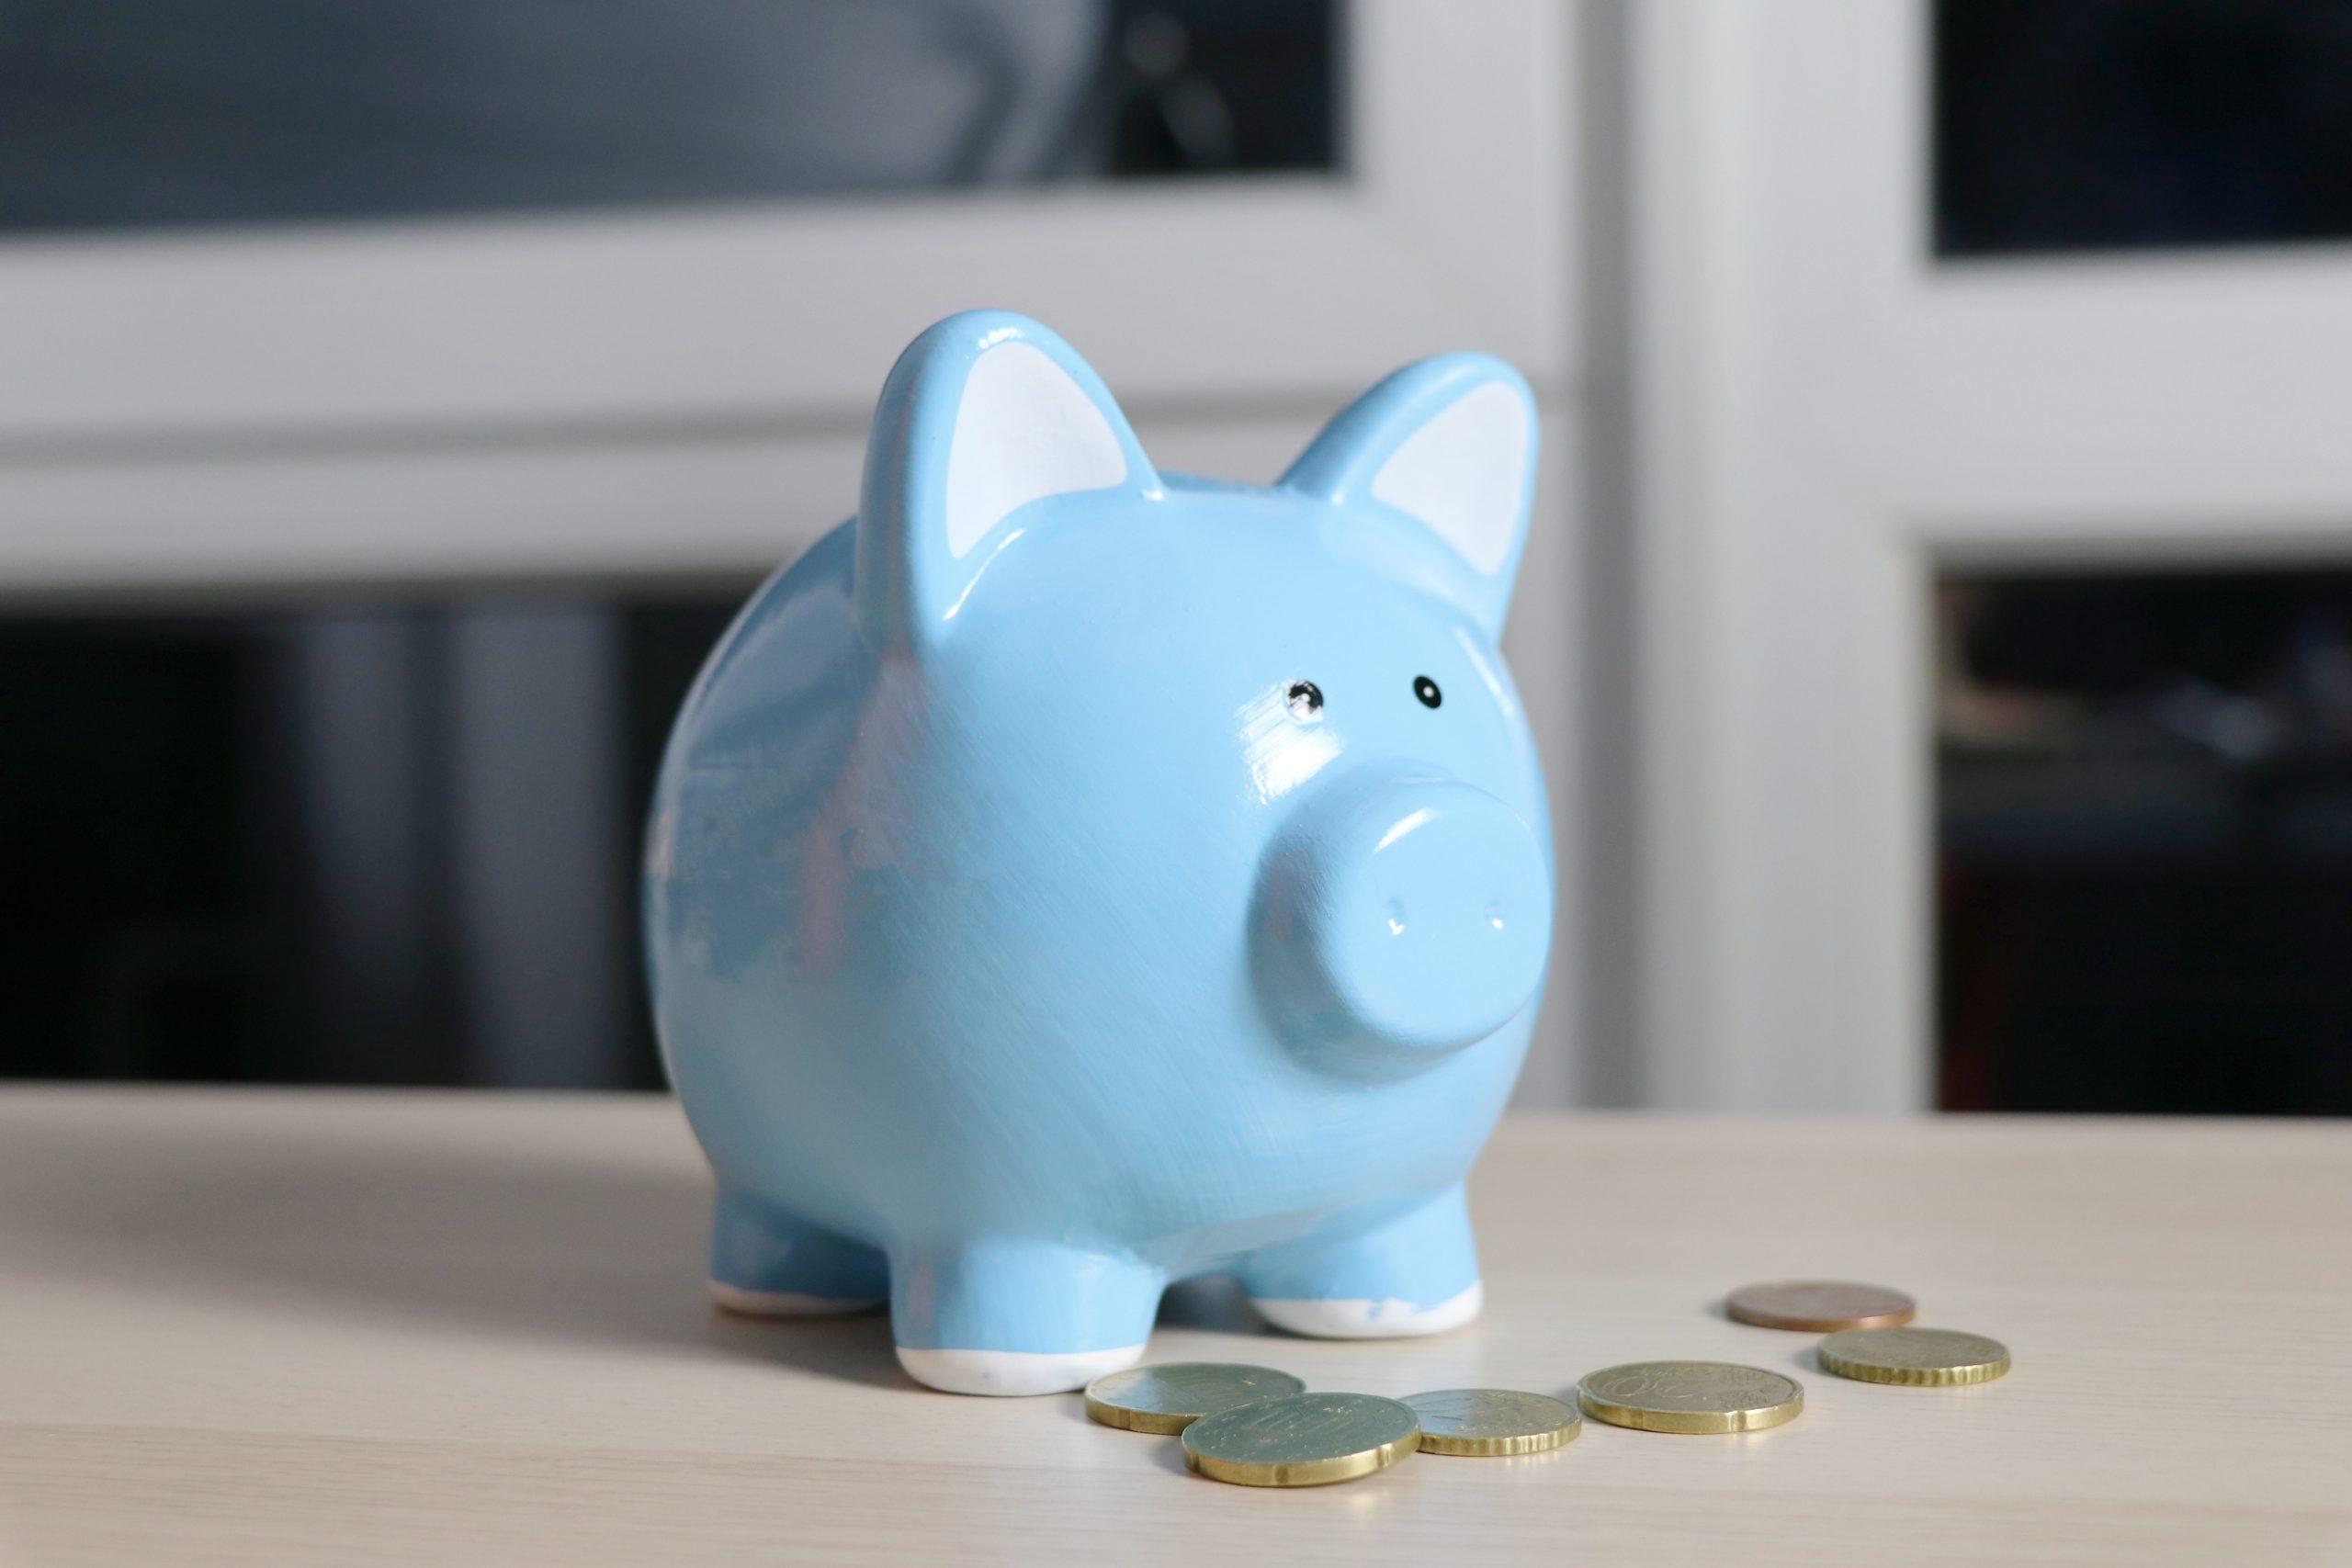 储蓄,存钱